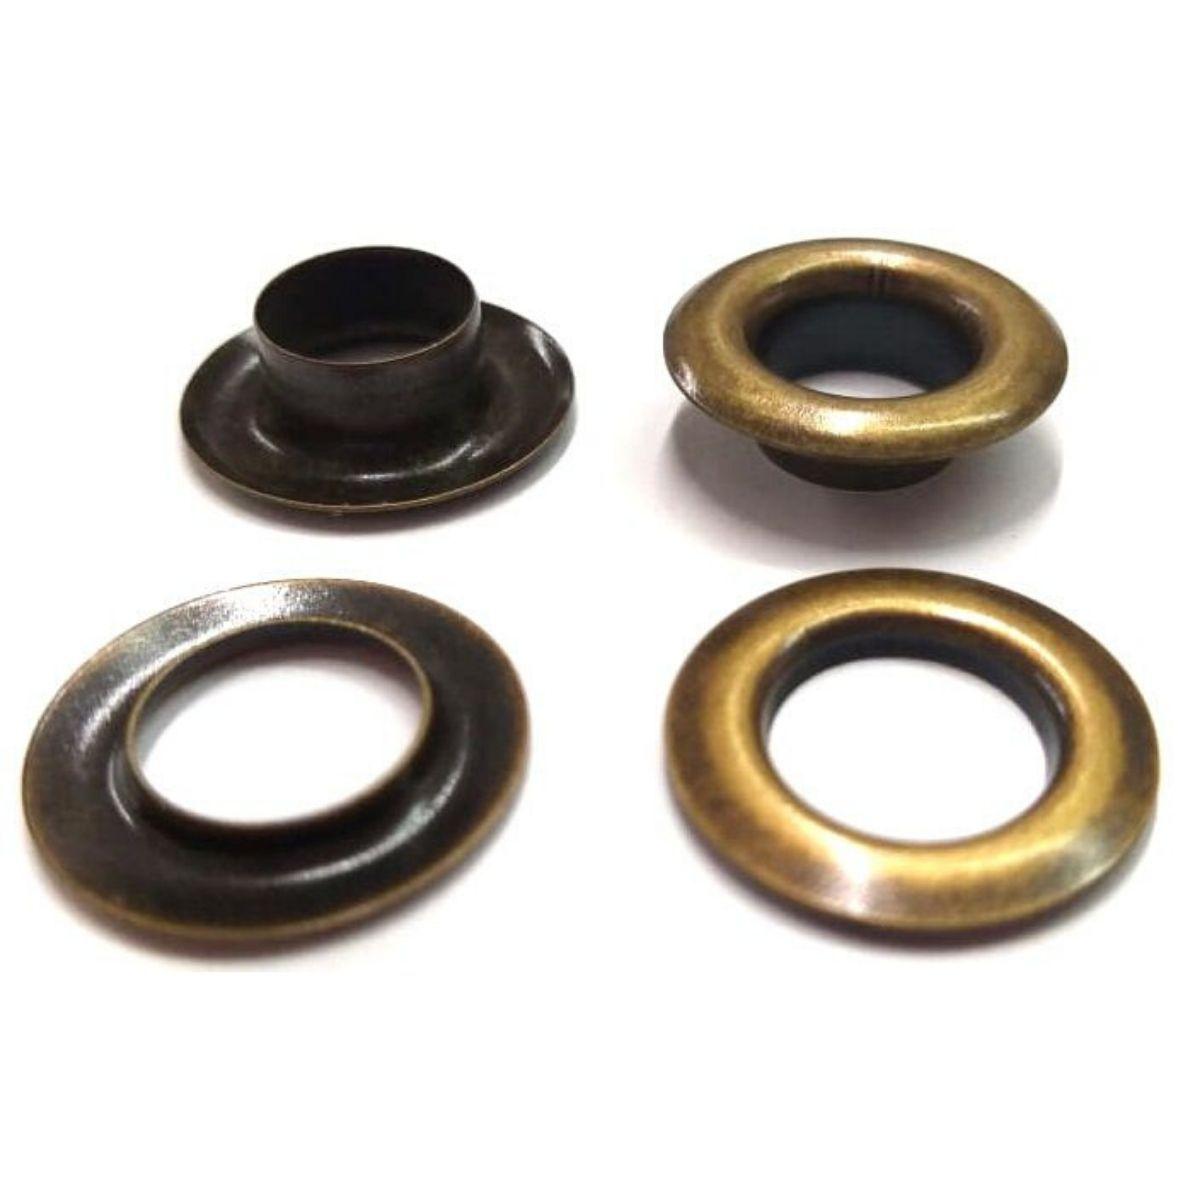 Ilhós com Arruela Ferro Ouro Velho Nº 0 18mm de diâmetro externo